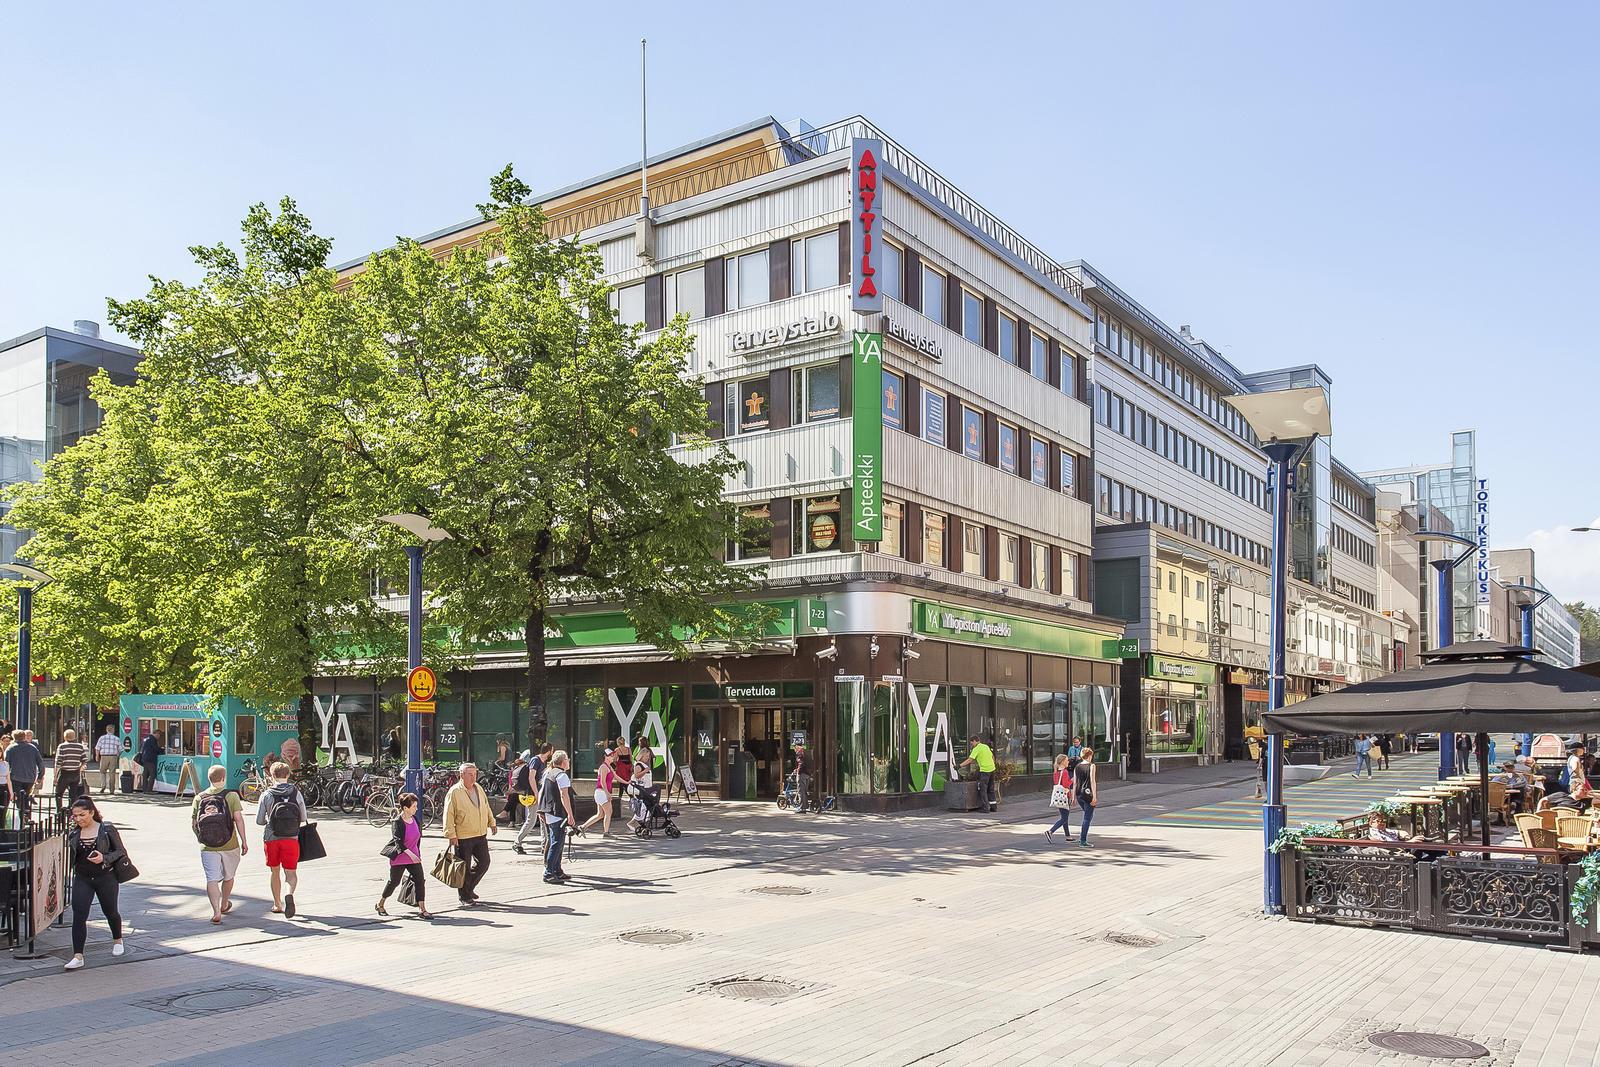 Toimitila, Kauppakatu 39, Jyväskylä, Jyväskylä